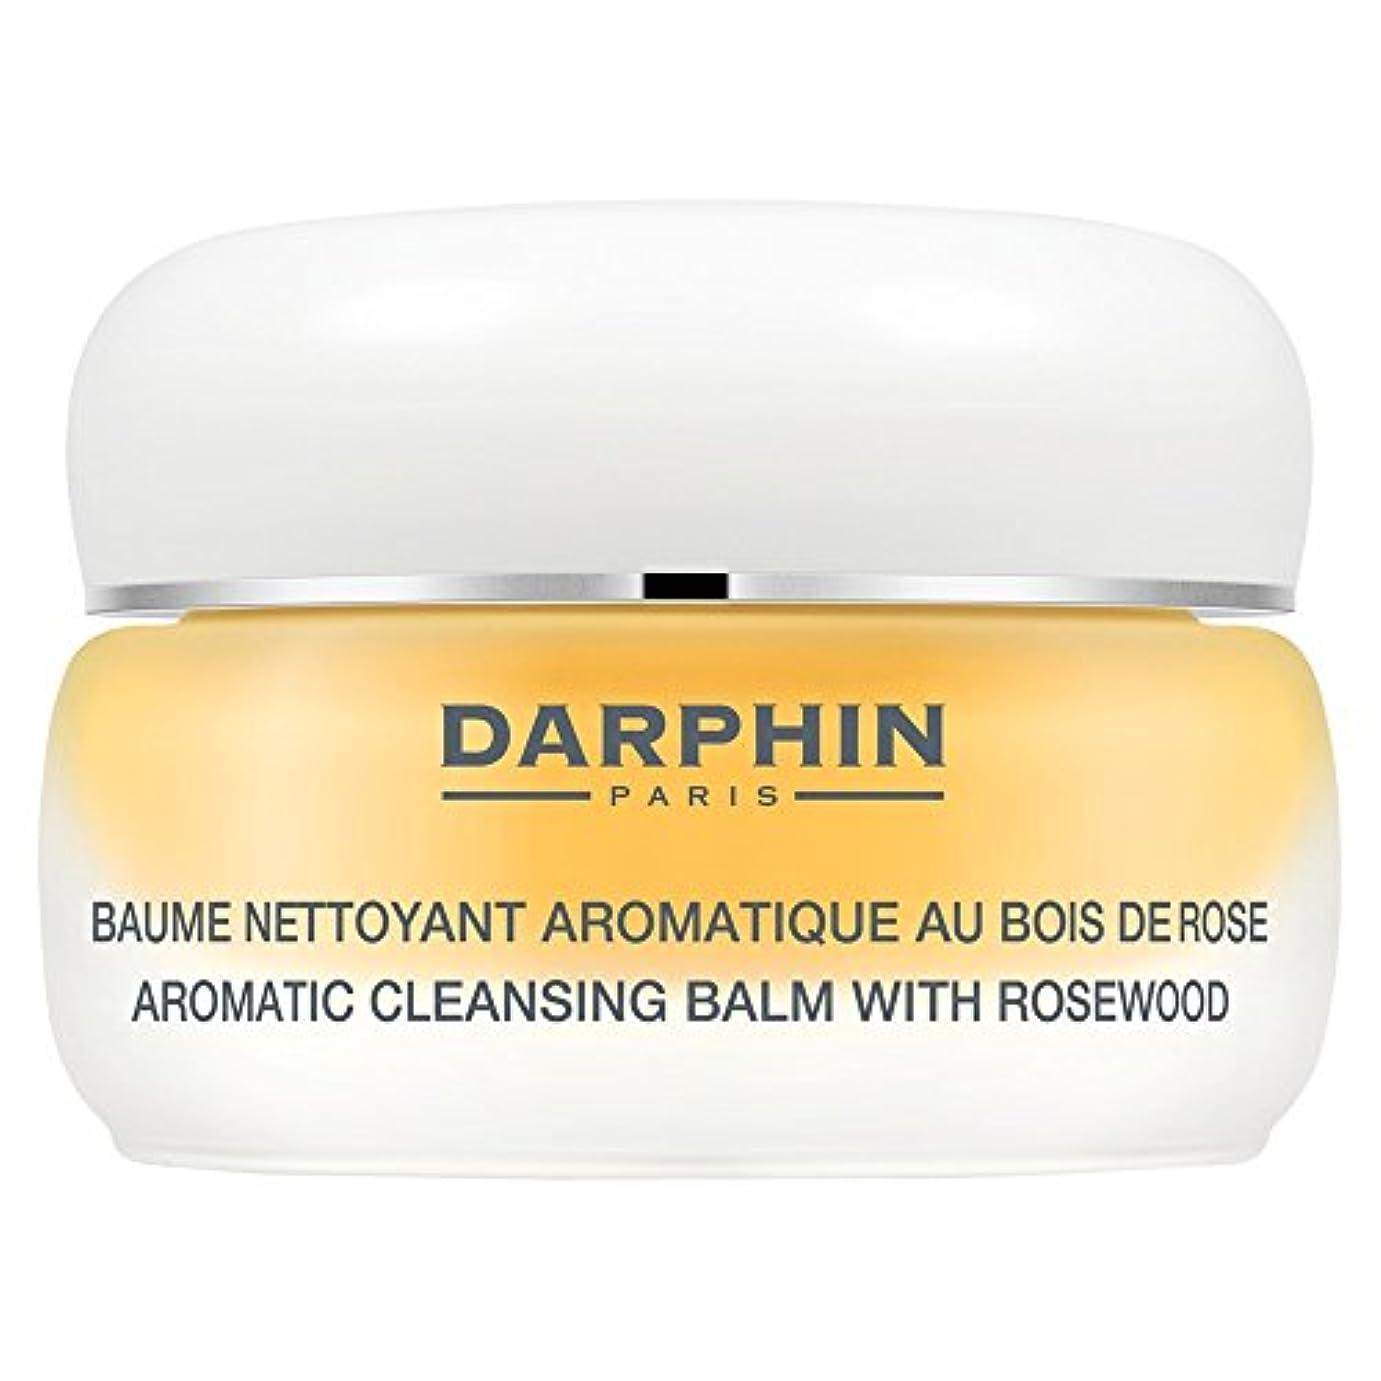 分散経験者行方不明ダルファン芳香族クレンジングバーム40ミリリットル (Darphin) (x2) - Darphin Aromatic Cleansing Balm 40ml (Pack of 2) [並行輸入品]